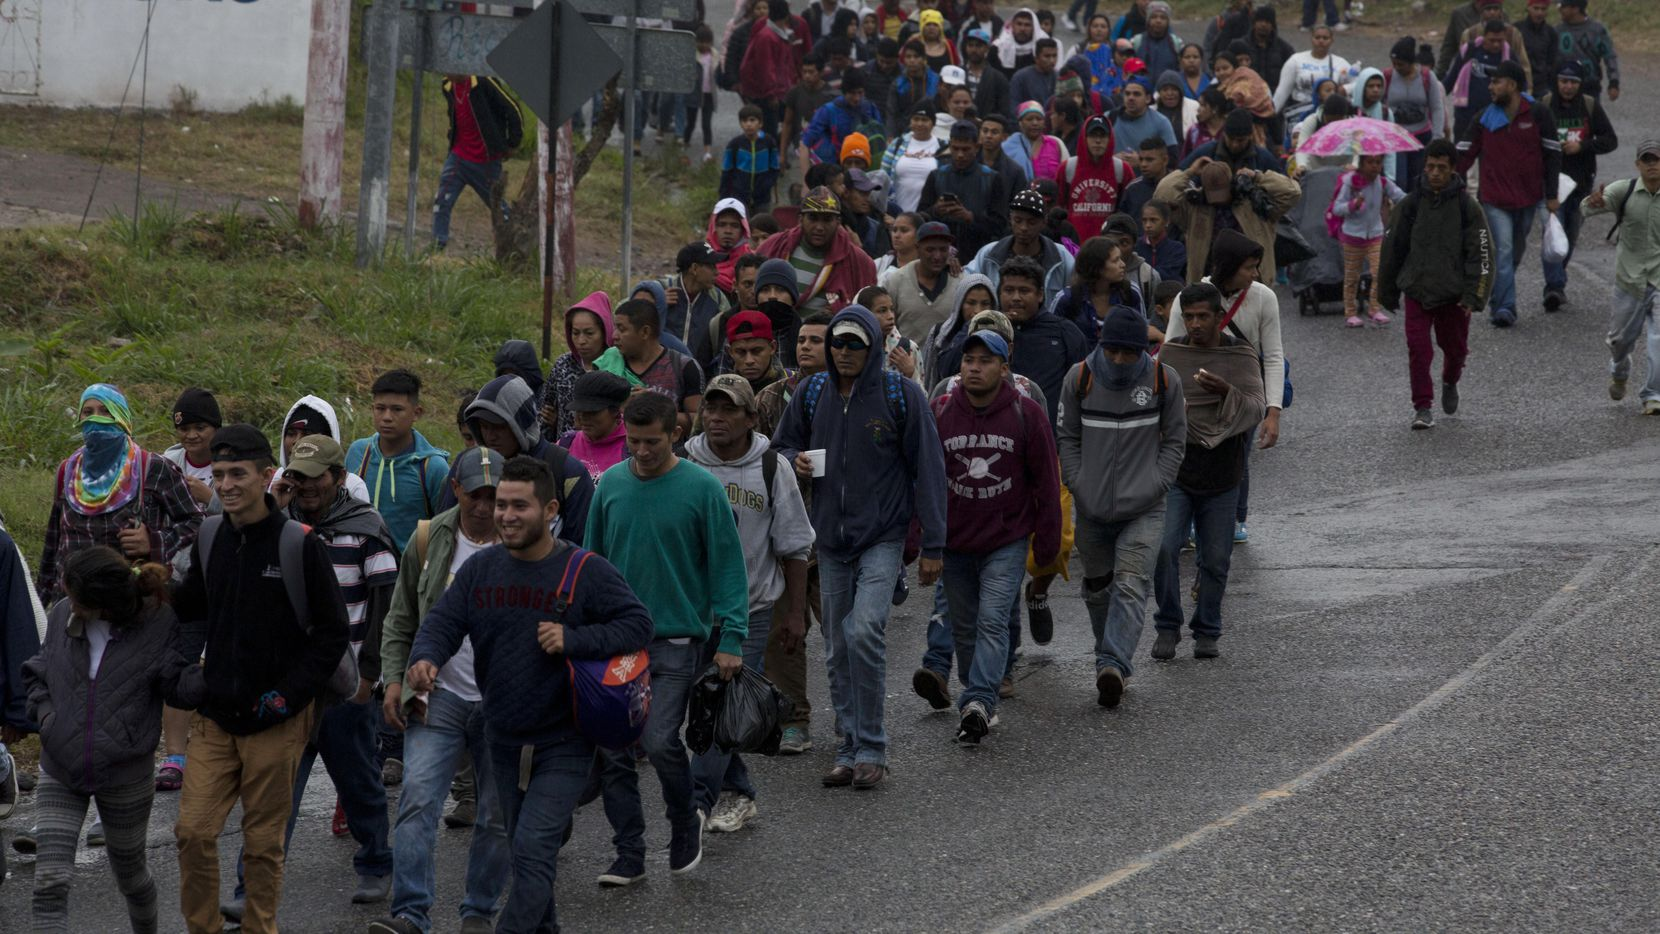 Un fragmento de la caravana de migrantes a su paso por el pueblo de Esquipulas, en Guatemala, marcha con la intención de llegar a los Estados Unidos.(AP)